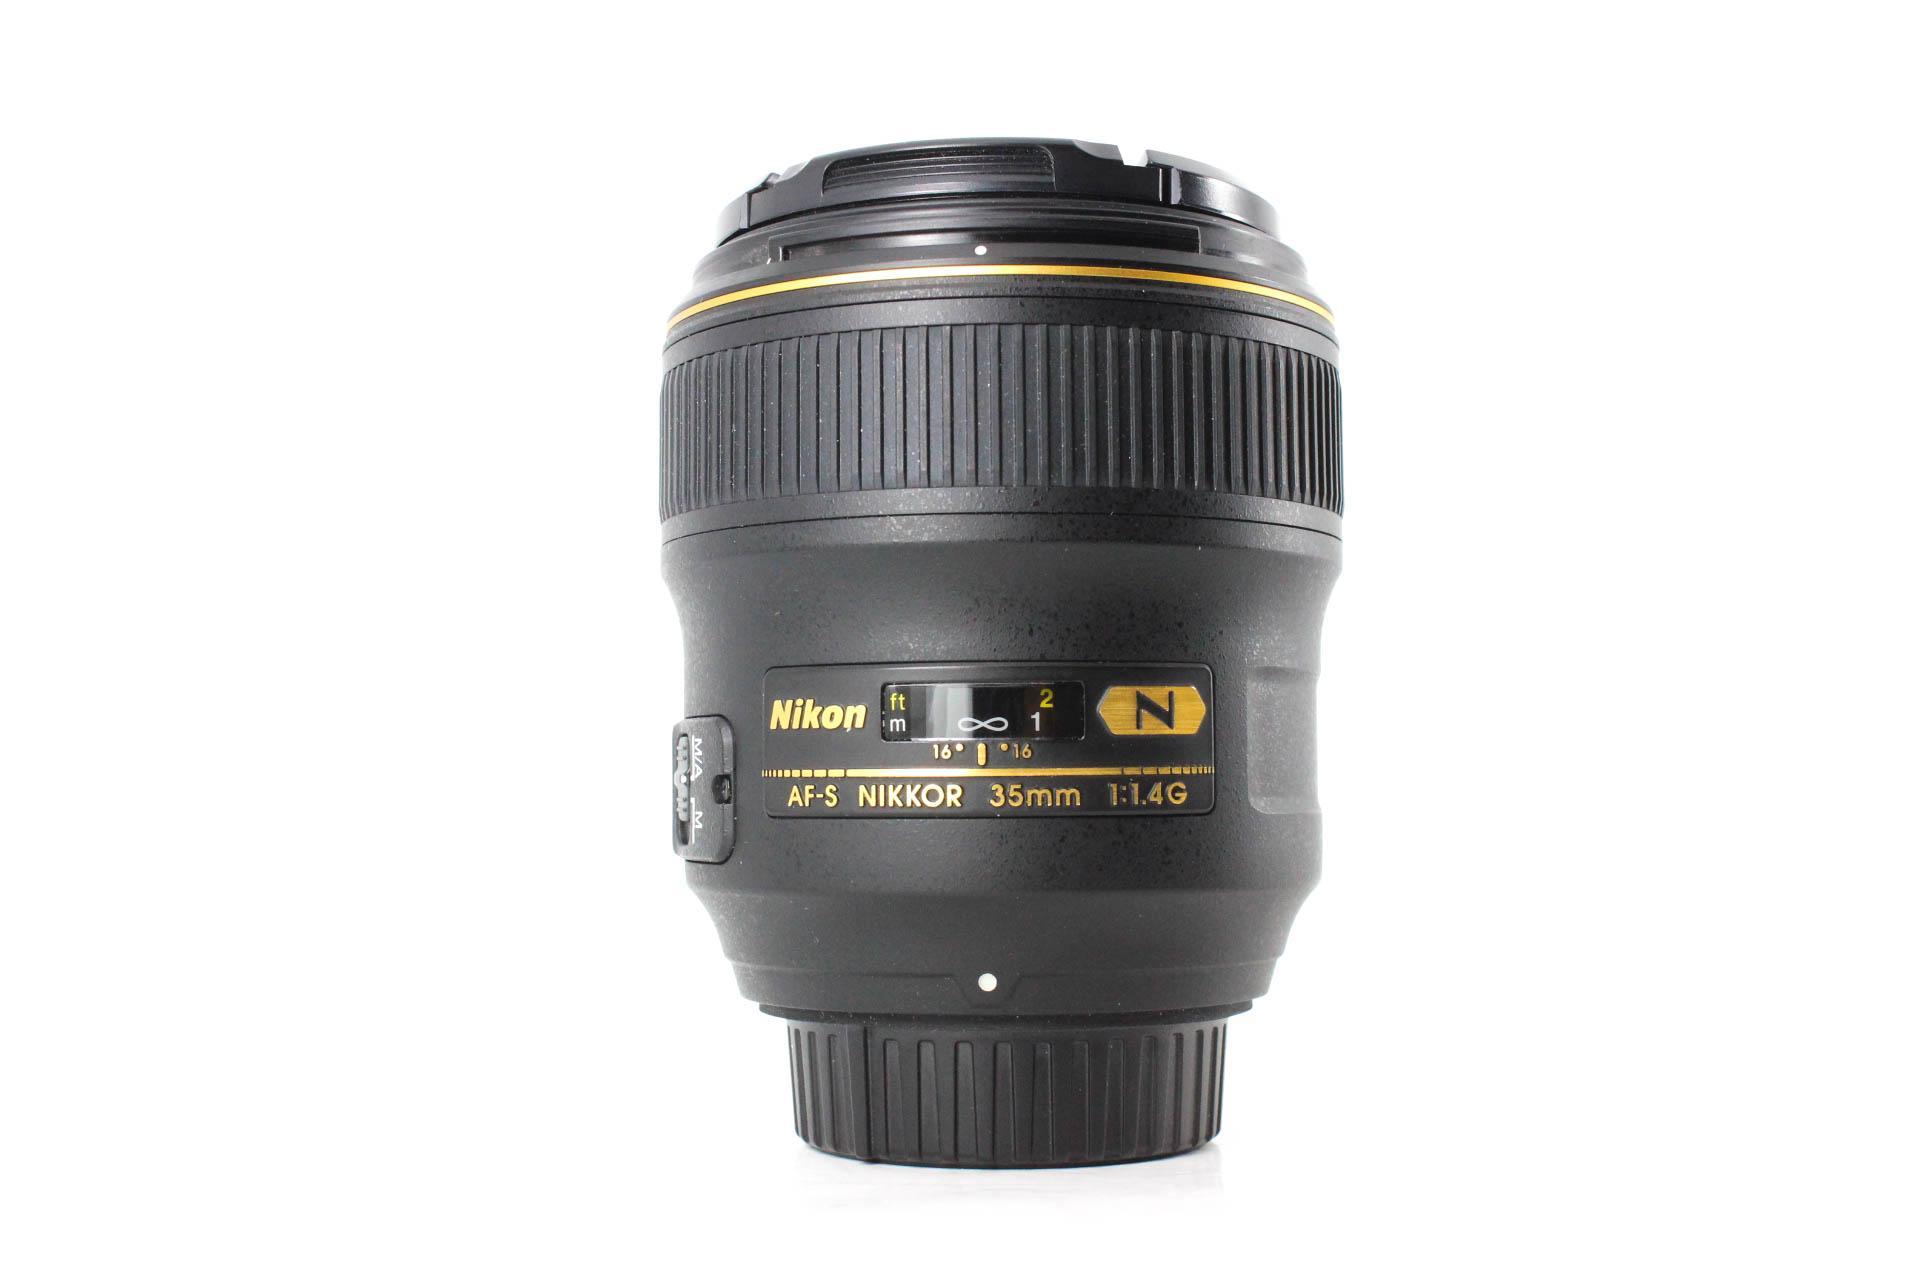 35mm prime lens image